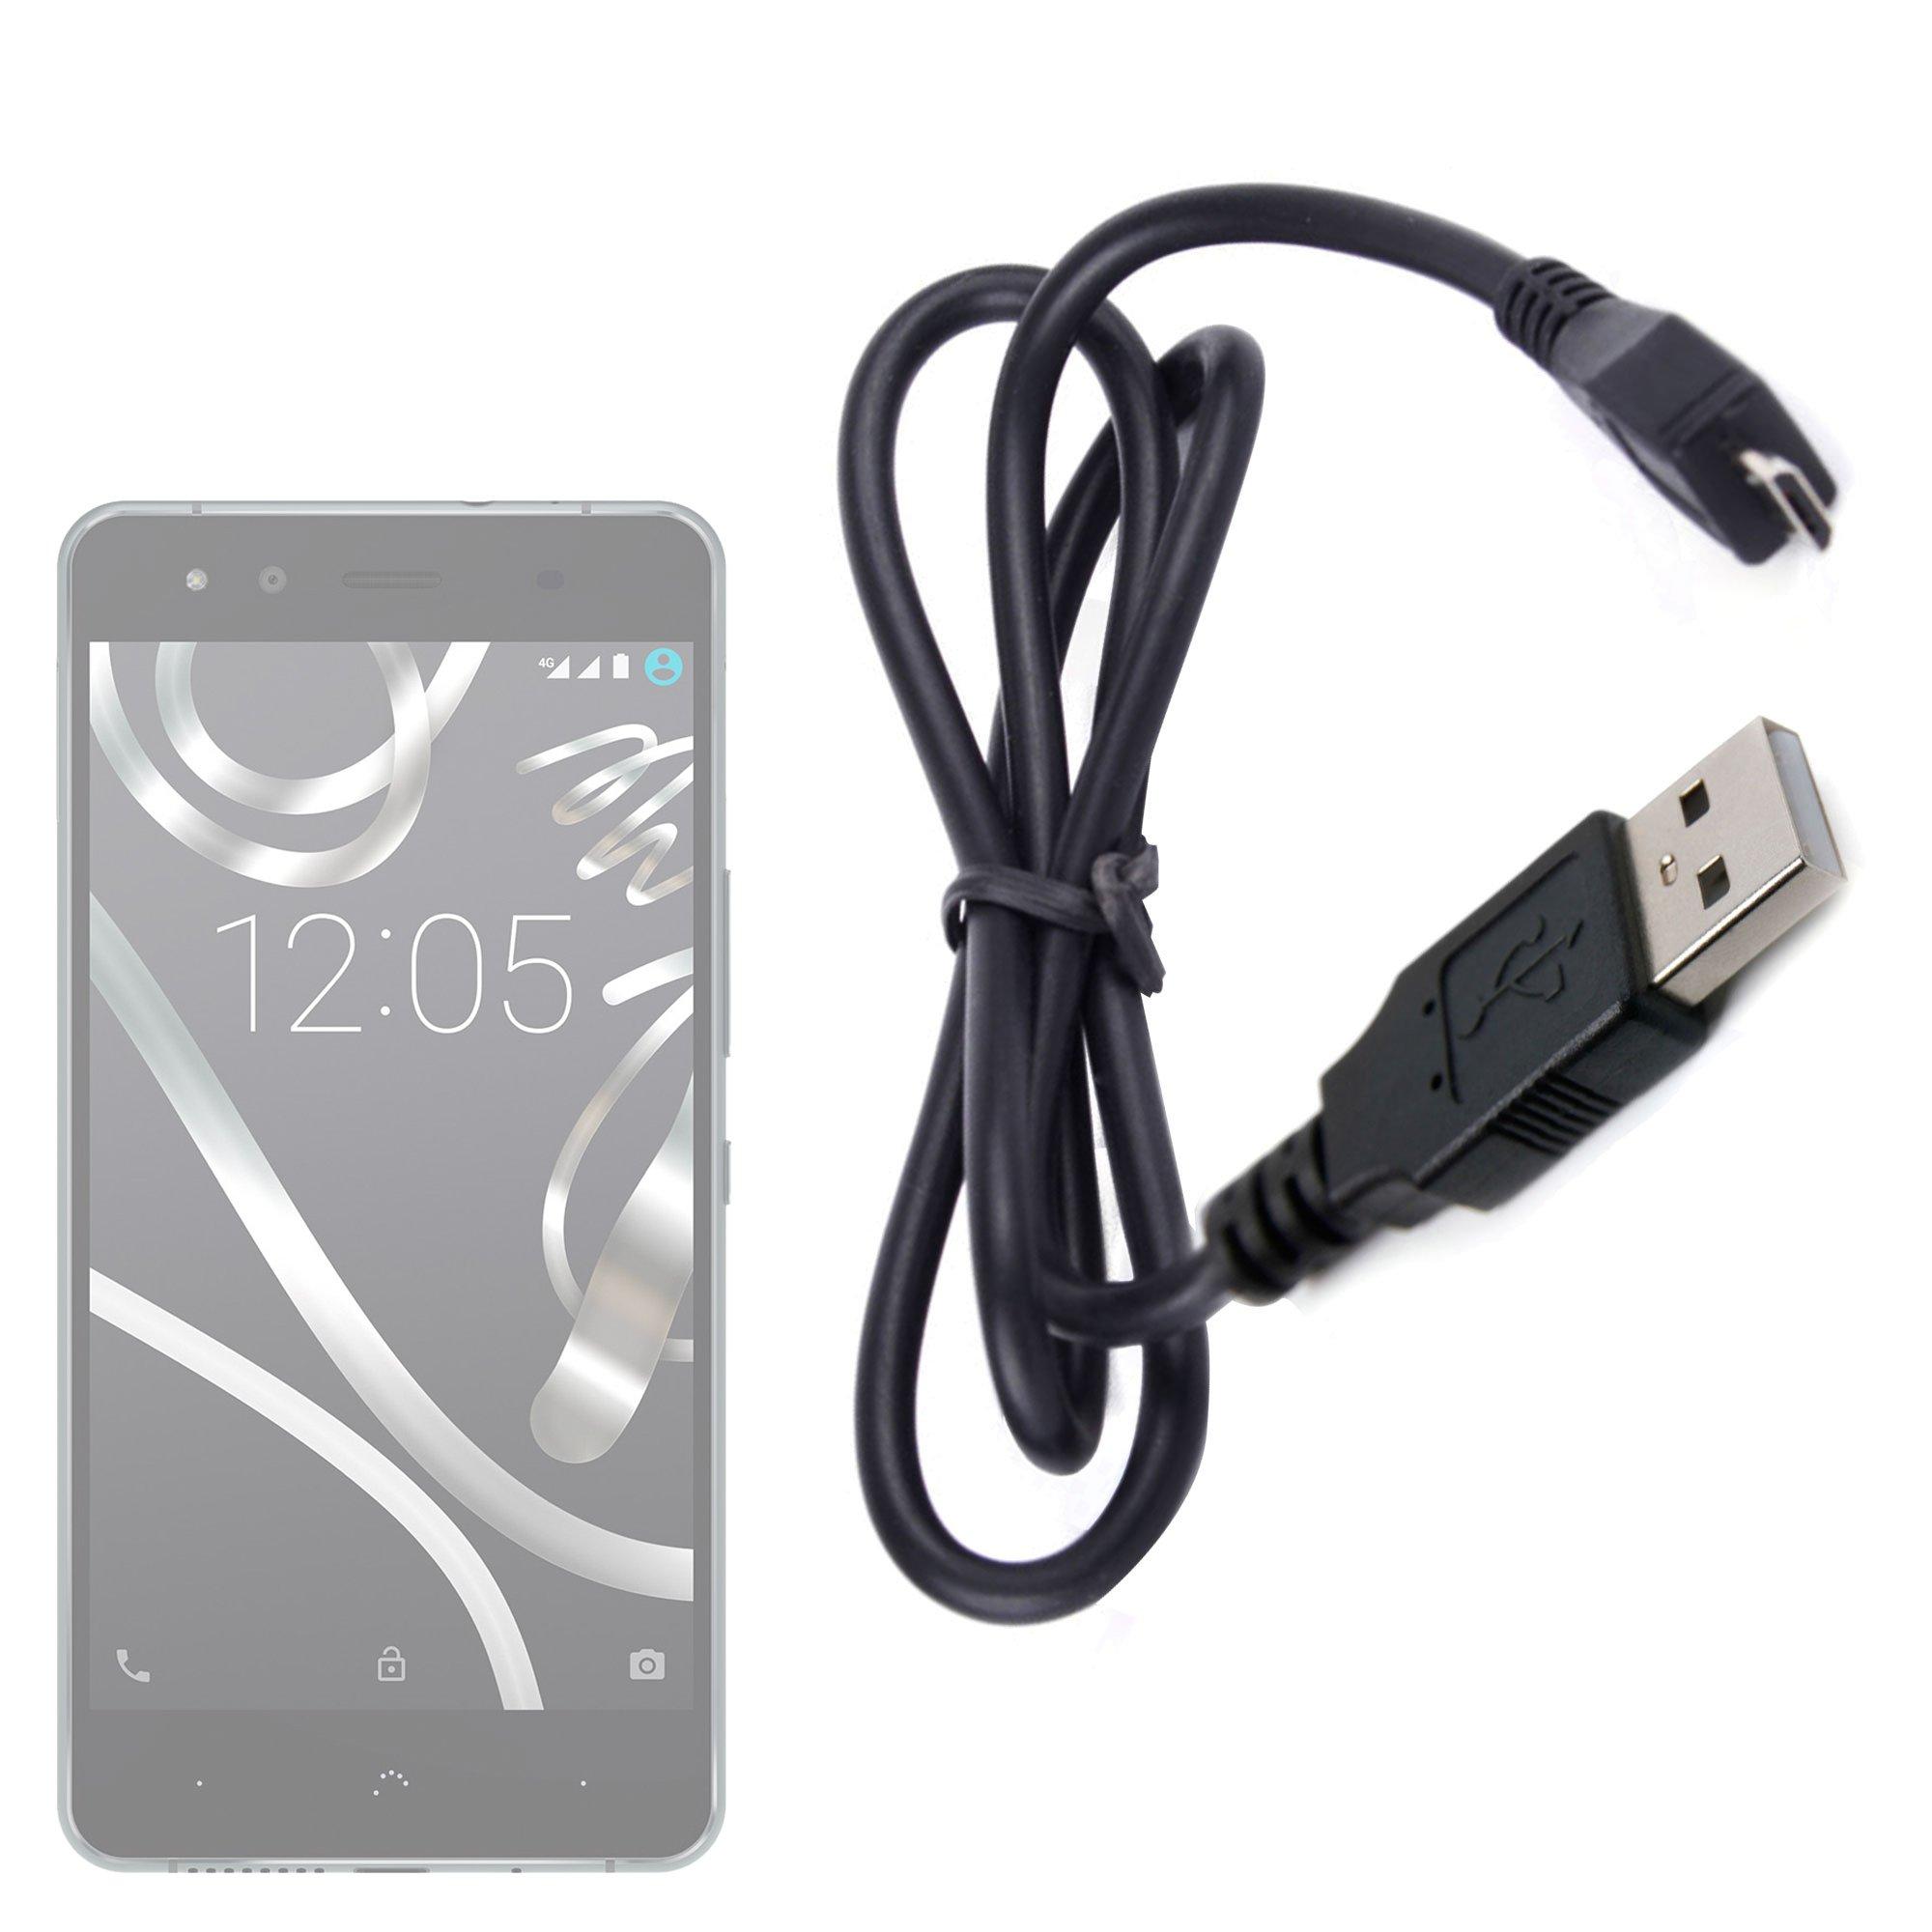 DURAGADGET Práctico Cable Micro USB De Sincronización De Datos para Smartphone BQ Aquaris U Lite/U Plus/U / X5 Plus: Amazon.es: Electrónica